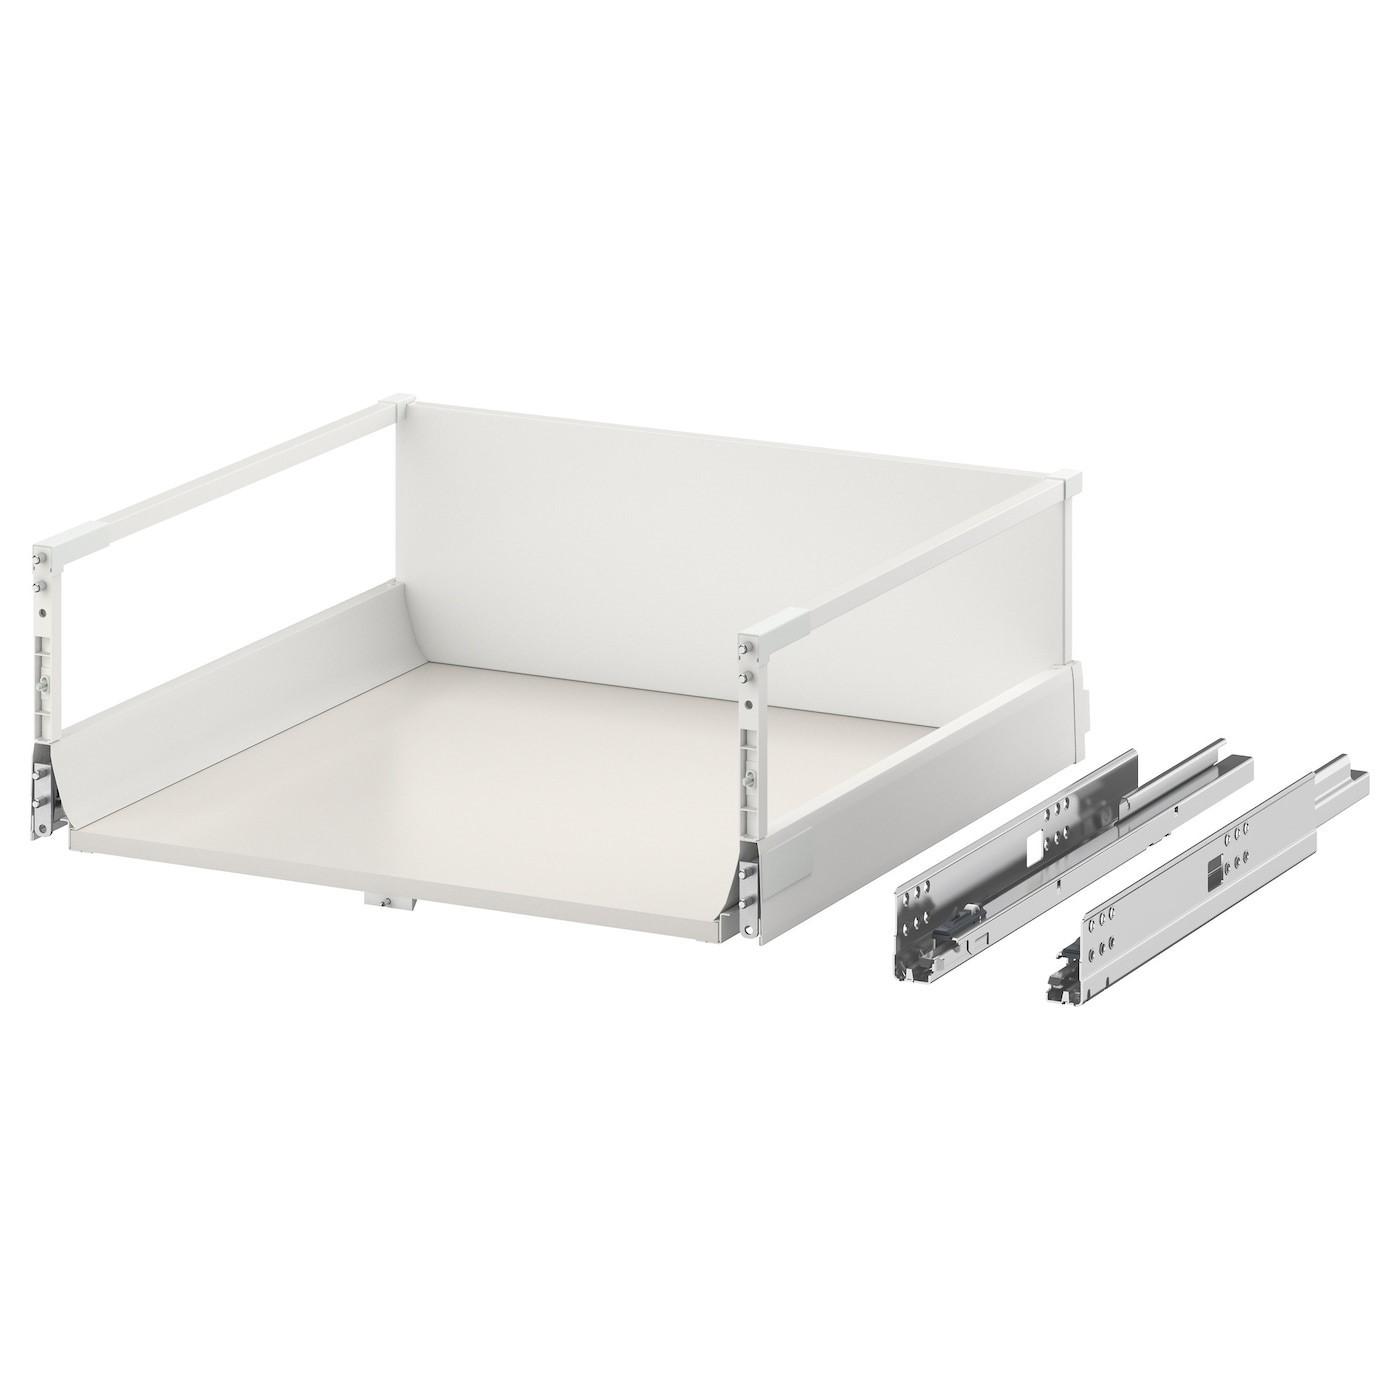 IKEA MAXIMERA ящик, высокий белый 60 x 60 см 90204639